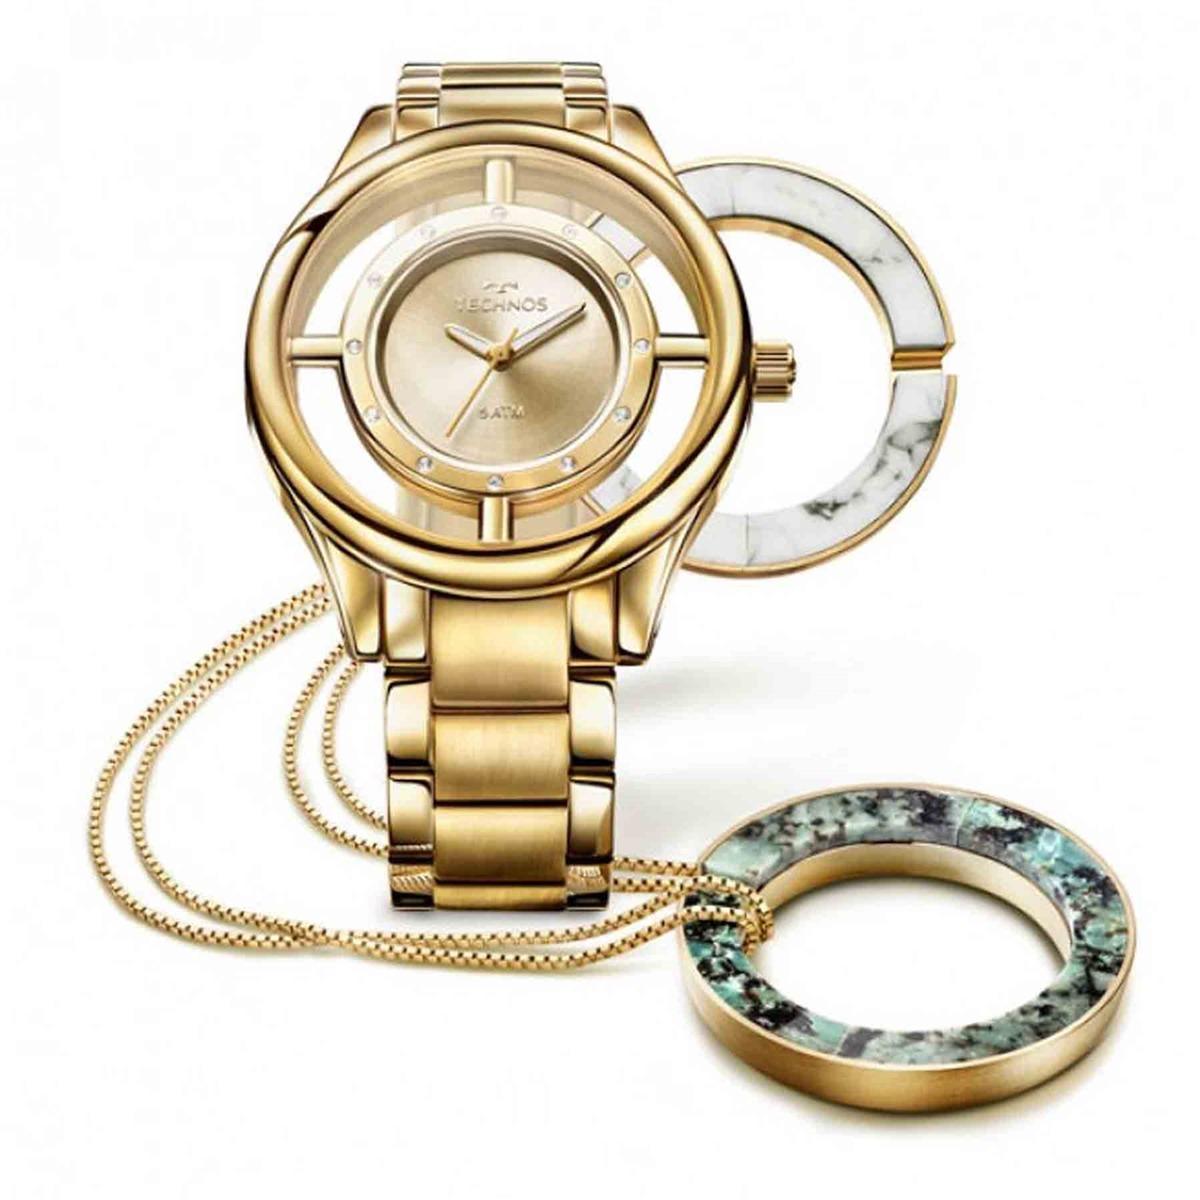 6b2165841be8e relógio technos elegance stone collection troca aros kit com. Carregando  zoom.